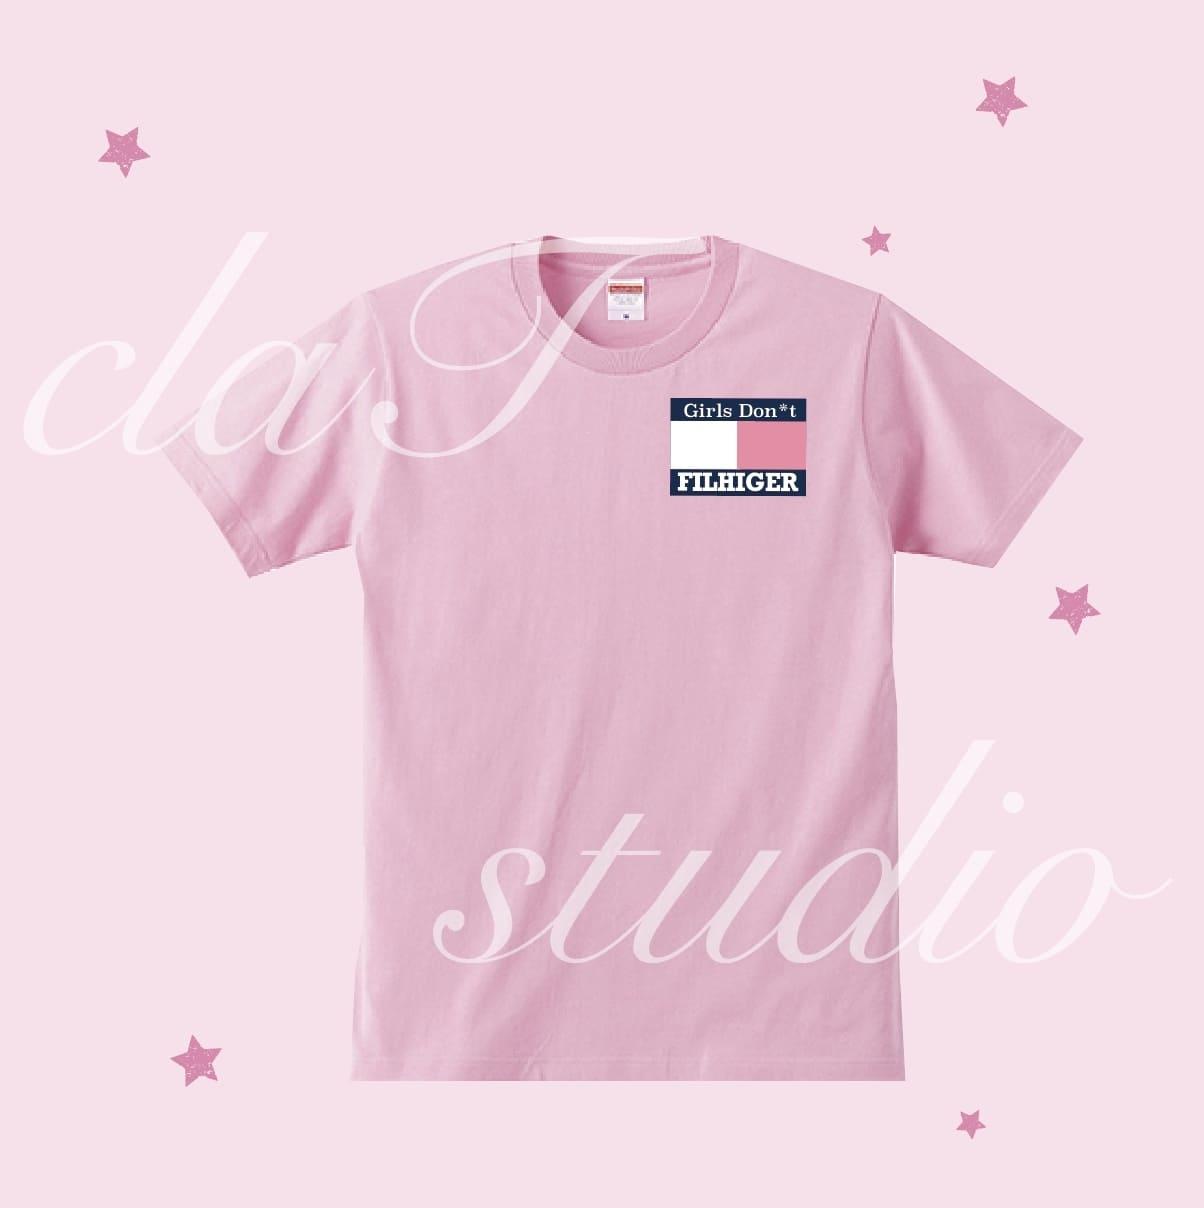 TommyのクラスTシャツデザインb